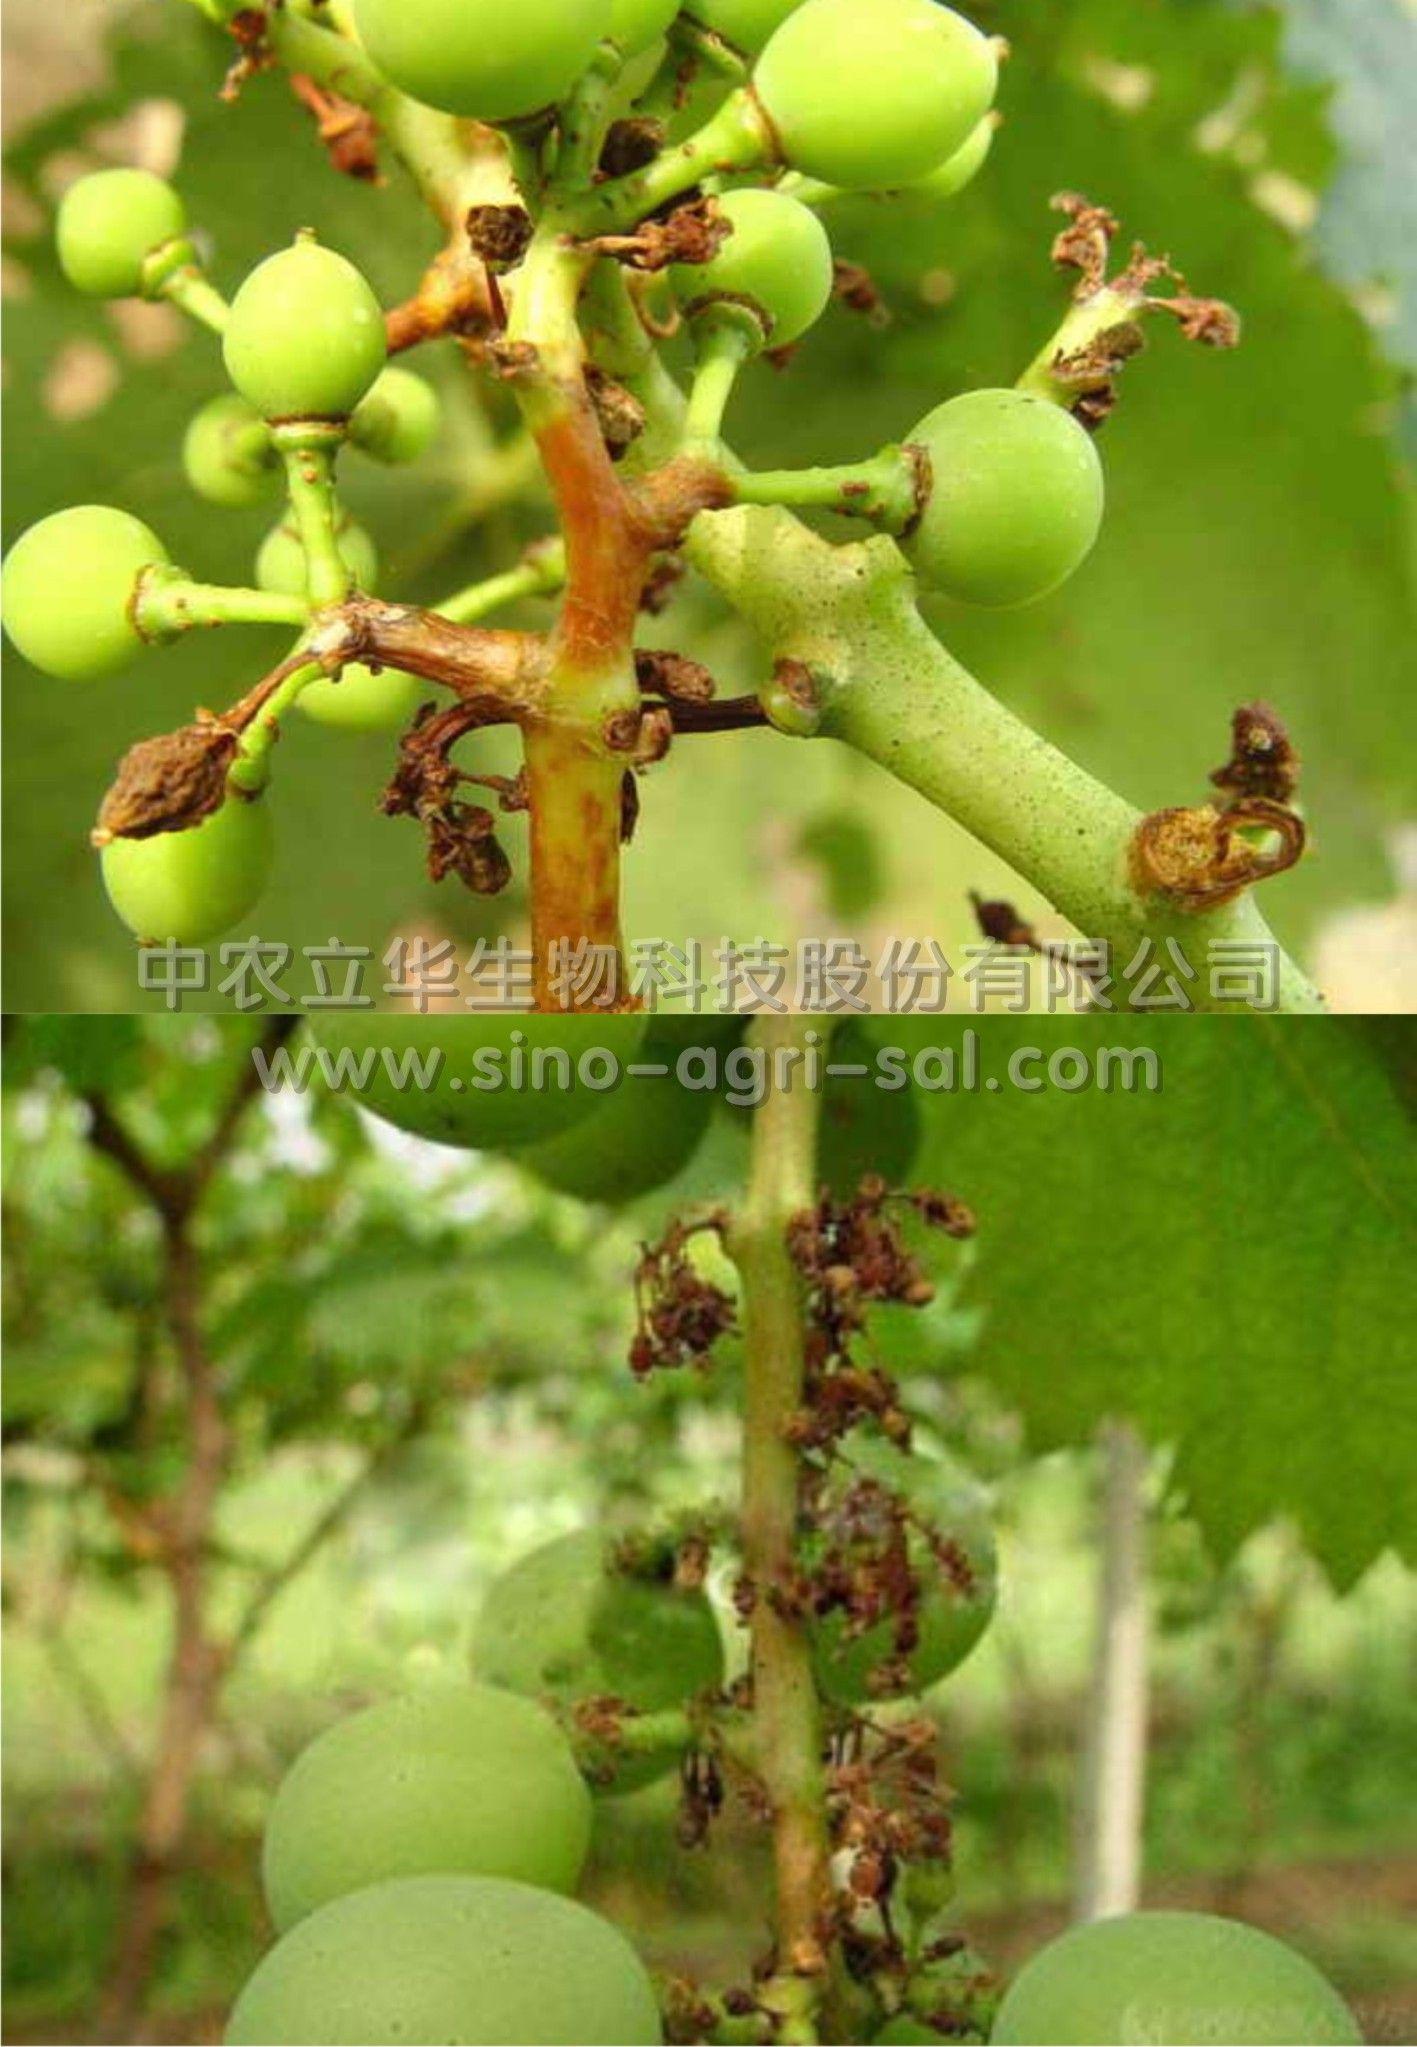 病虫草害识别防治 水果蔬菜 葡萄  防治方法:       (1)农业防治:①因